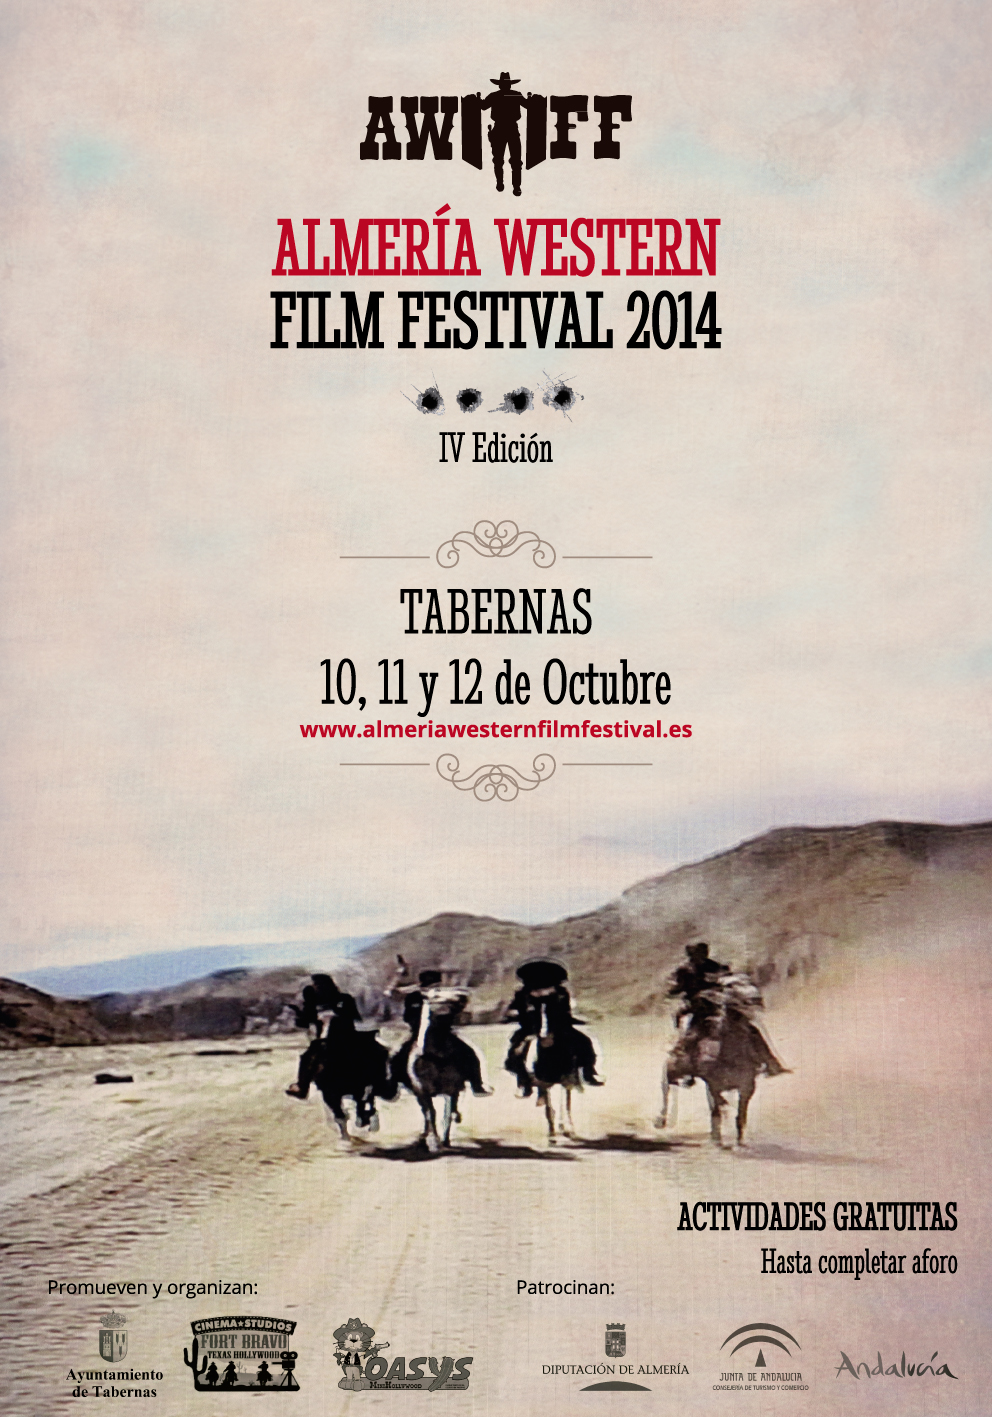 CARTEL-ALMERIA-WESTERN-FILM-FESTIVAL-2014